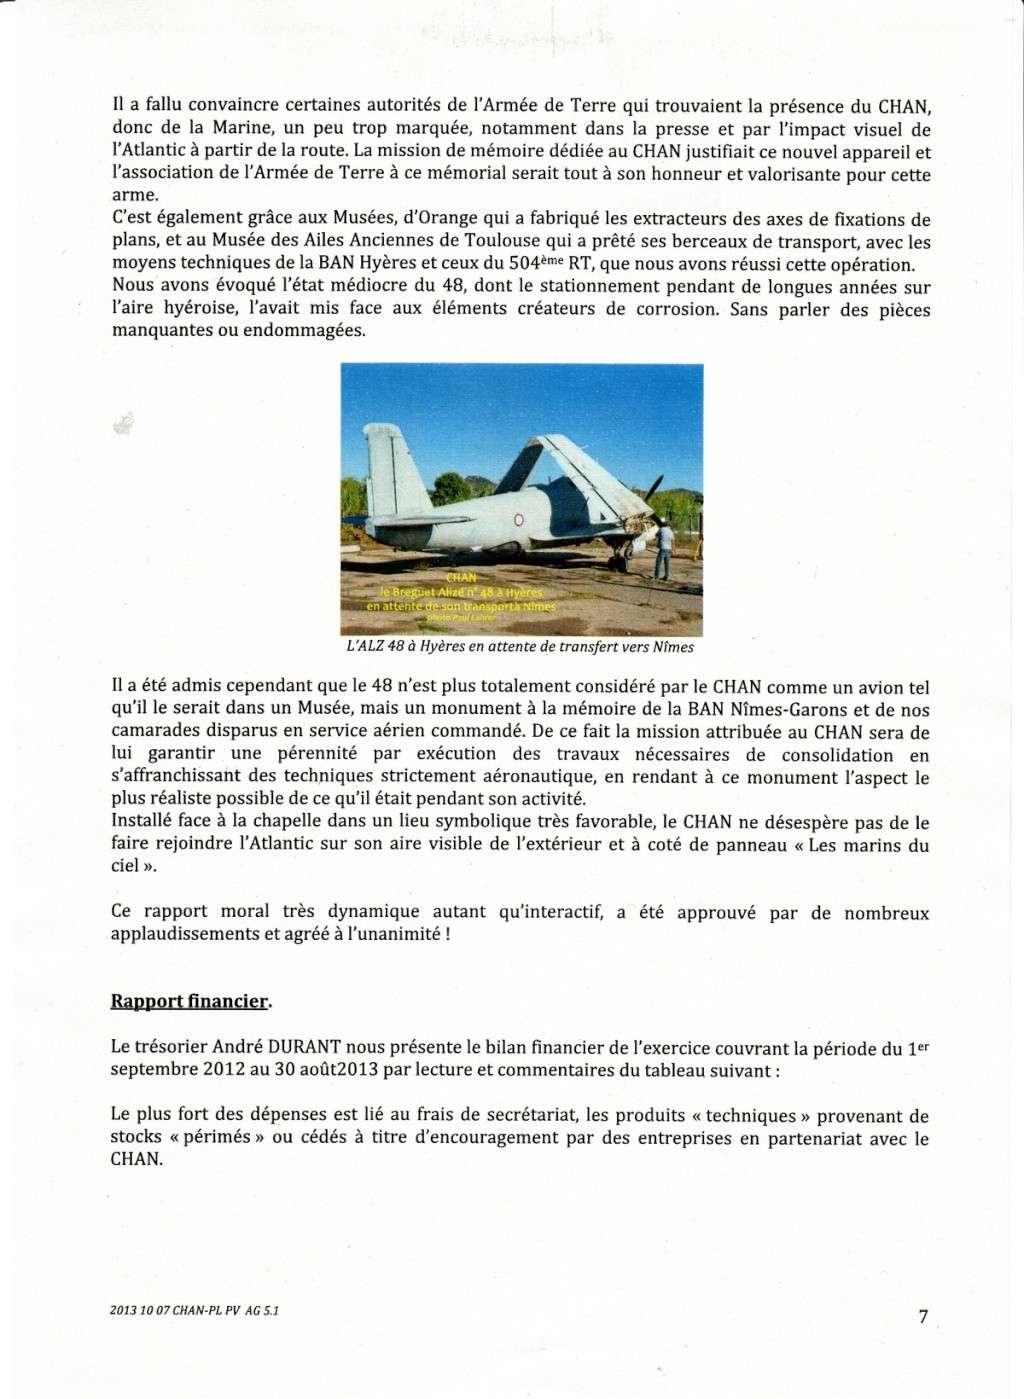 [Associations anciens marins] C.H.A.N.-Nîmes (Conservatoire Historique de l'Aéronavale-Nîmes) Imagec42